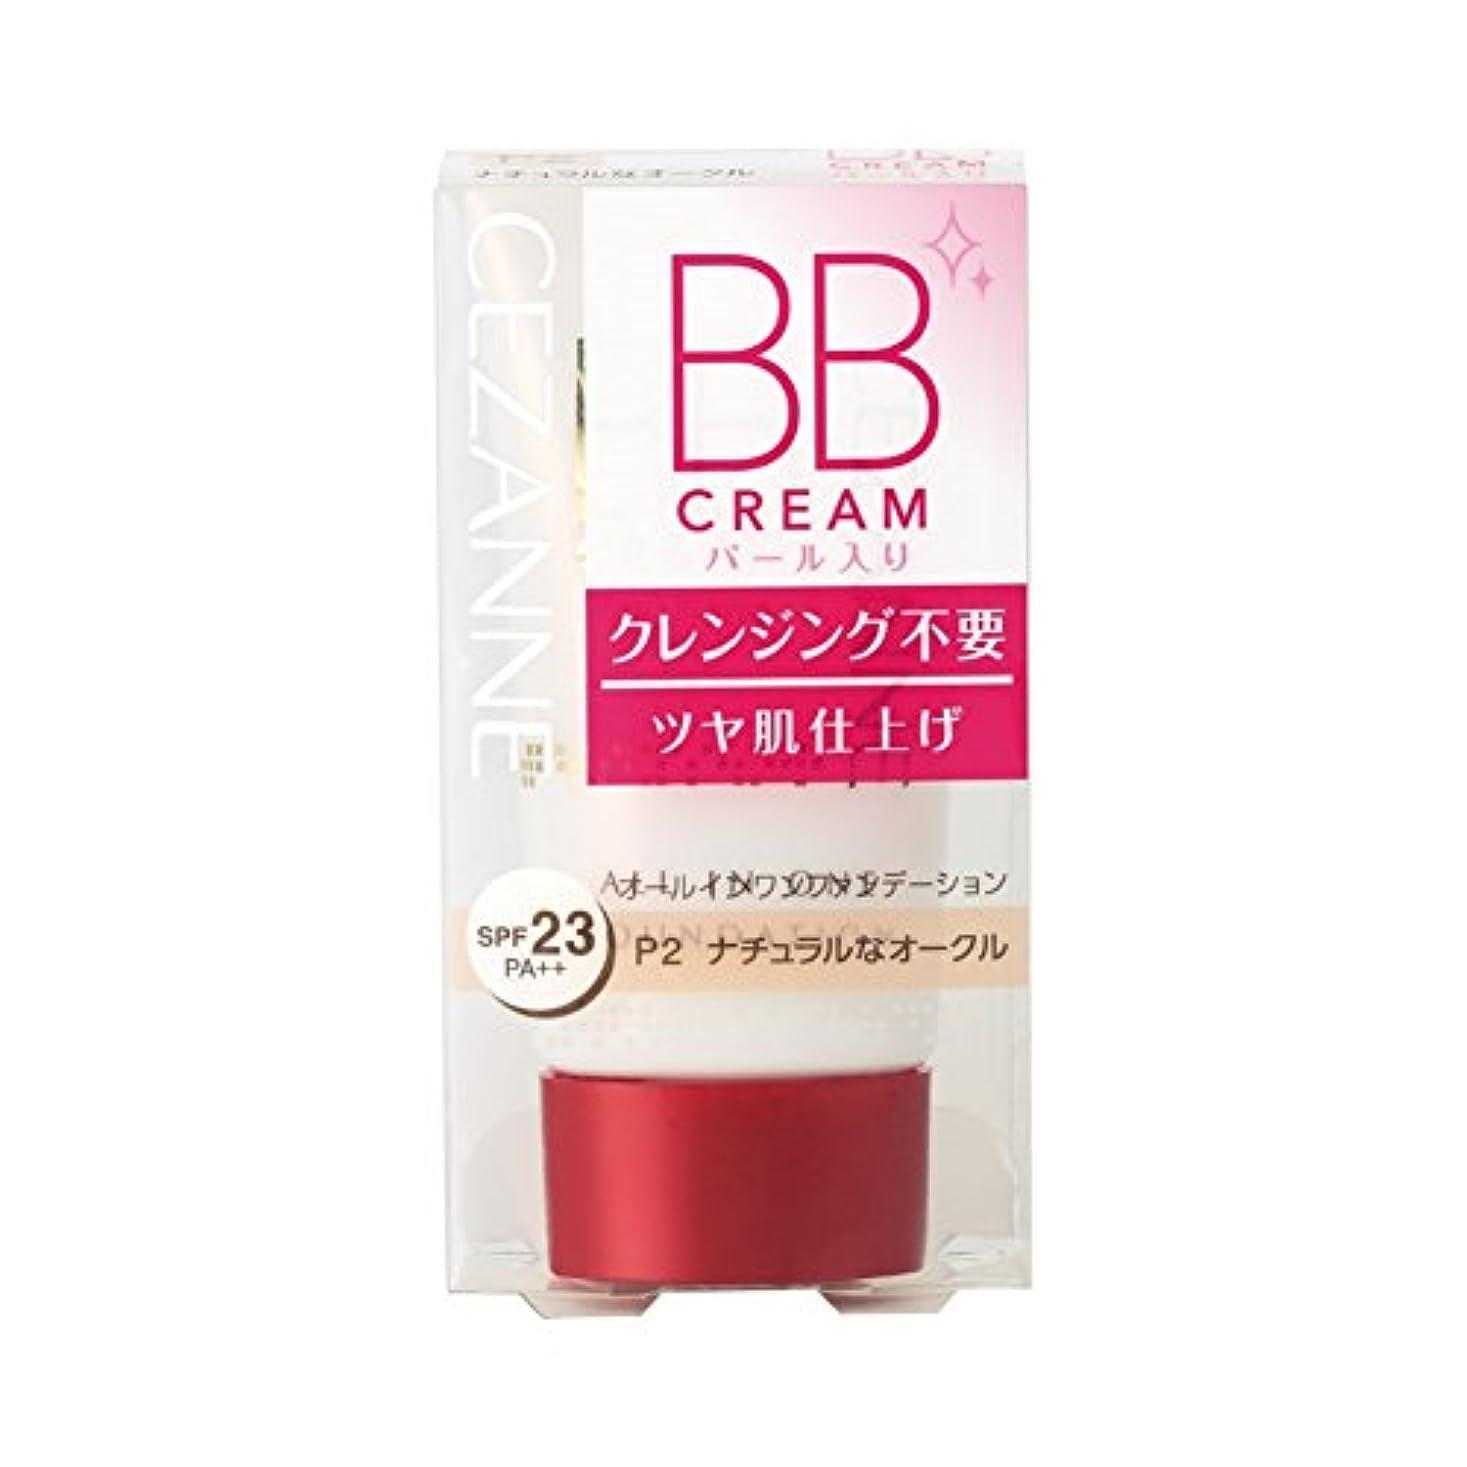 土器節約するセザンヌ BBクリーム P2